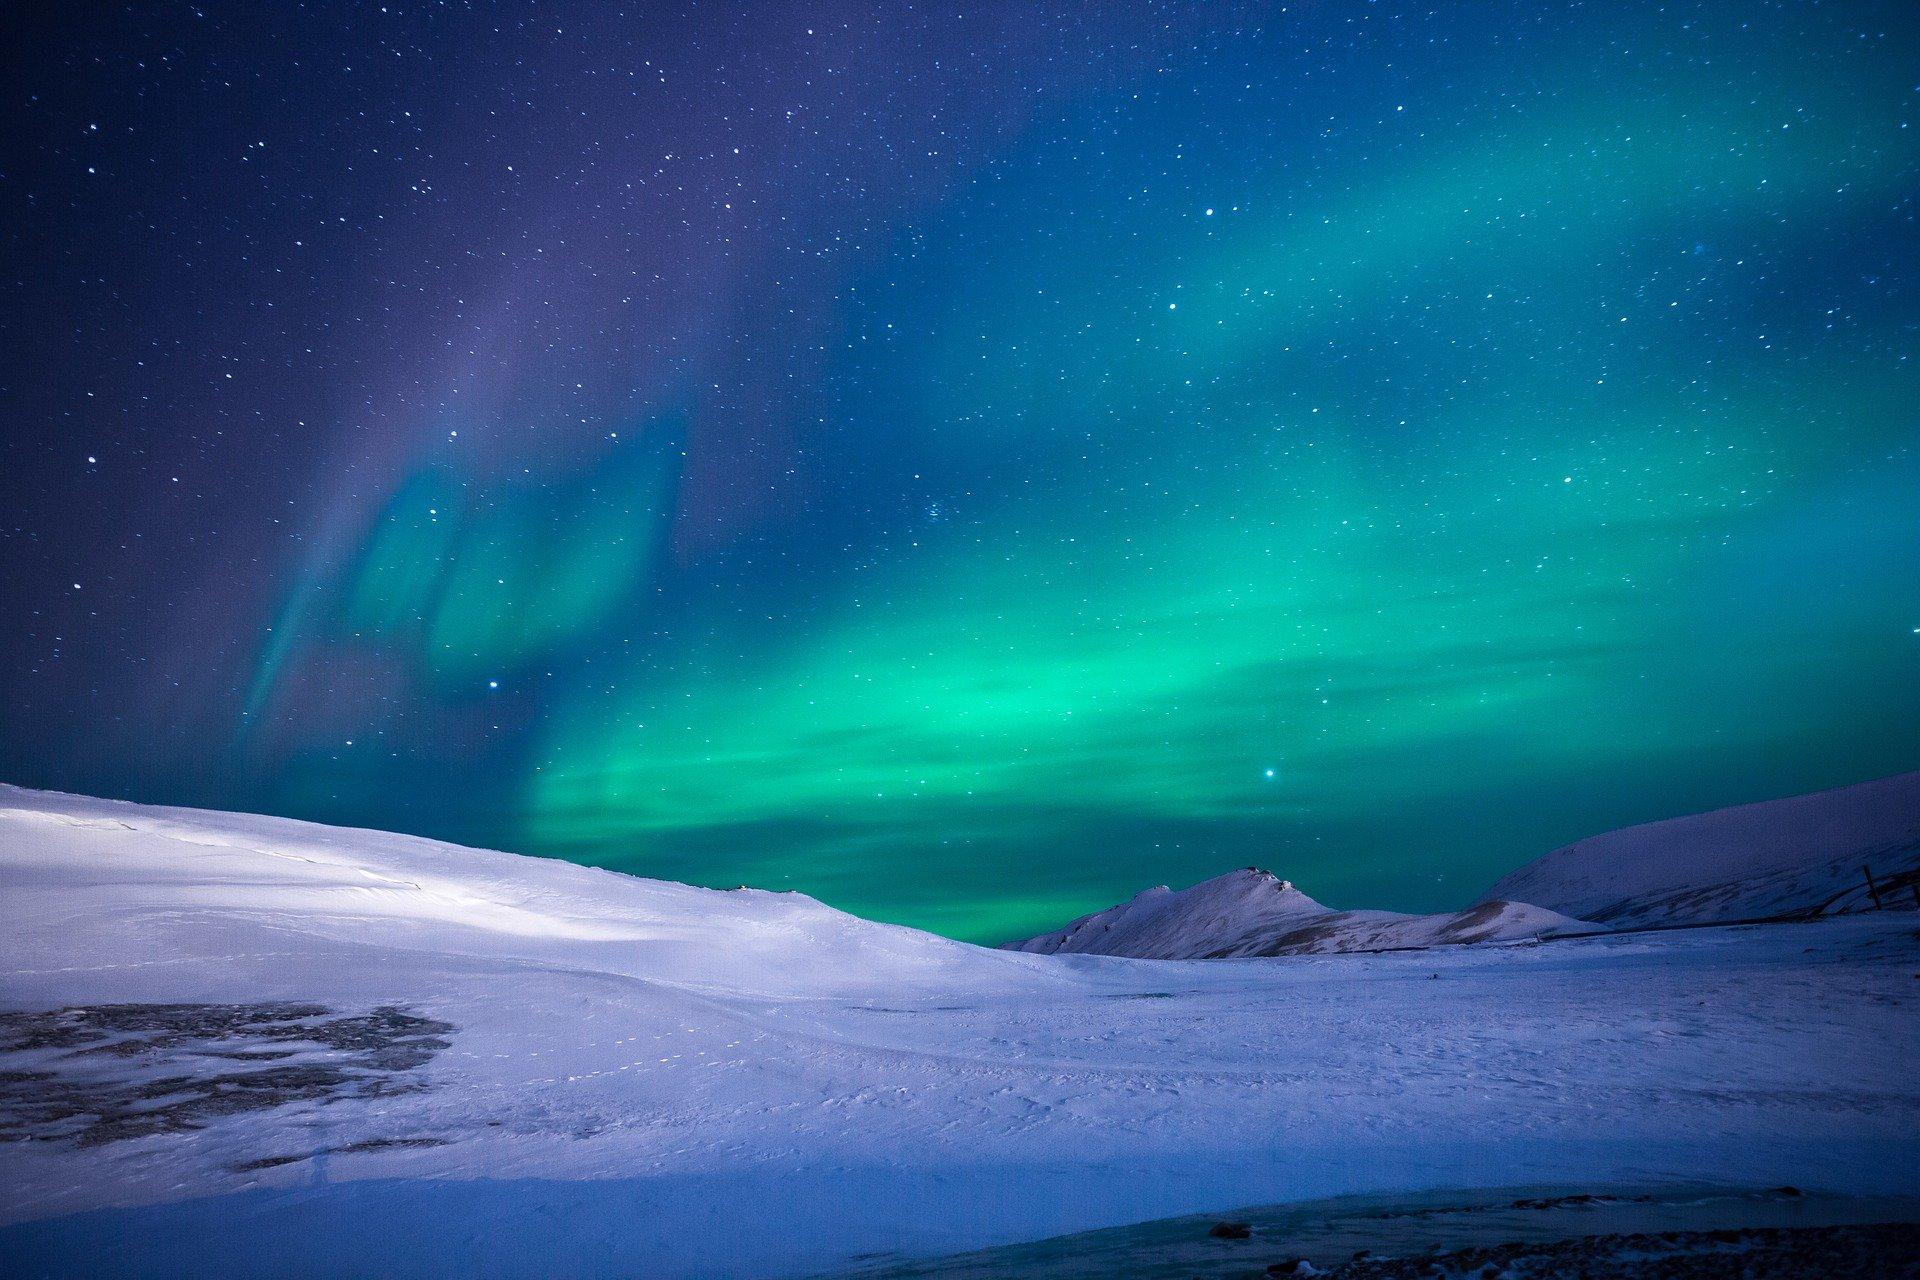 nordlichter sehen grünes licht